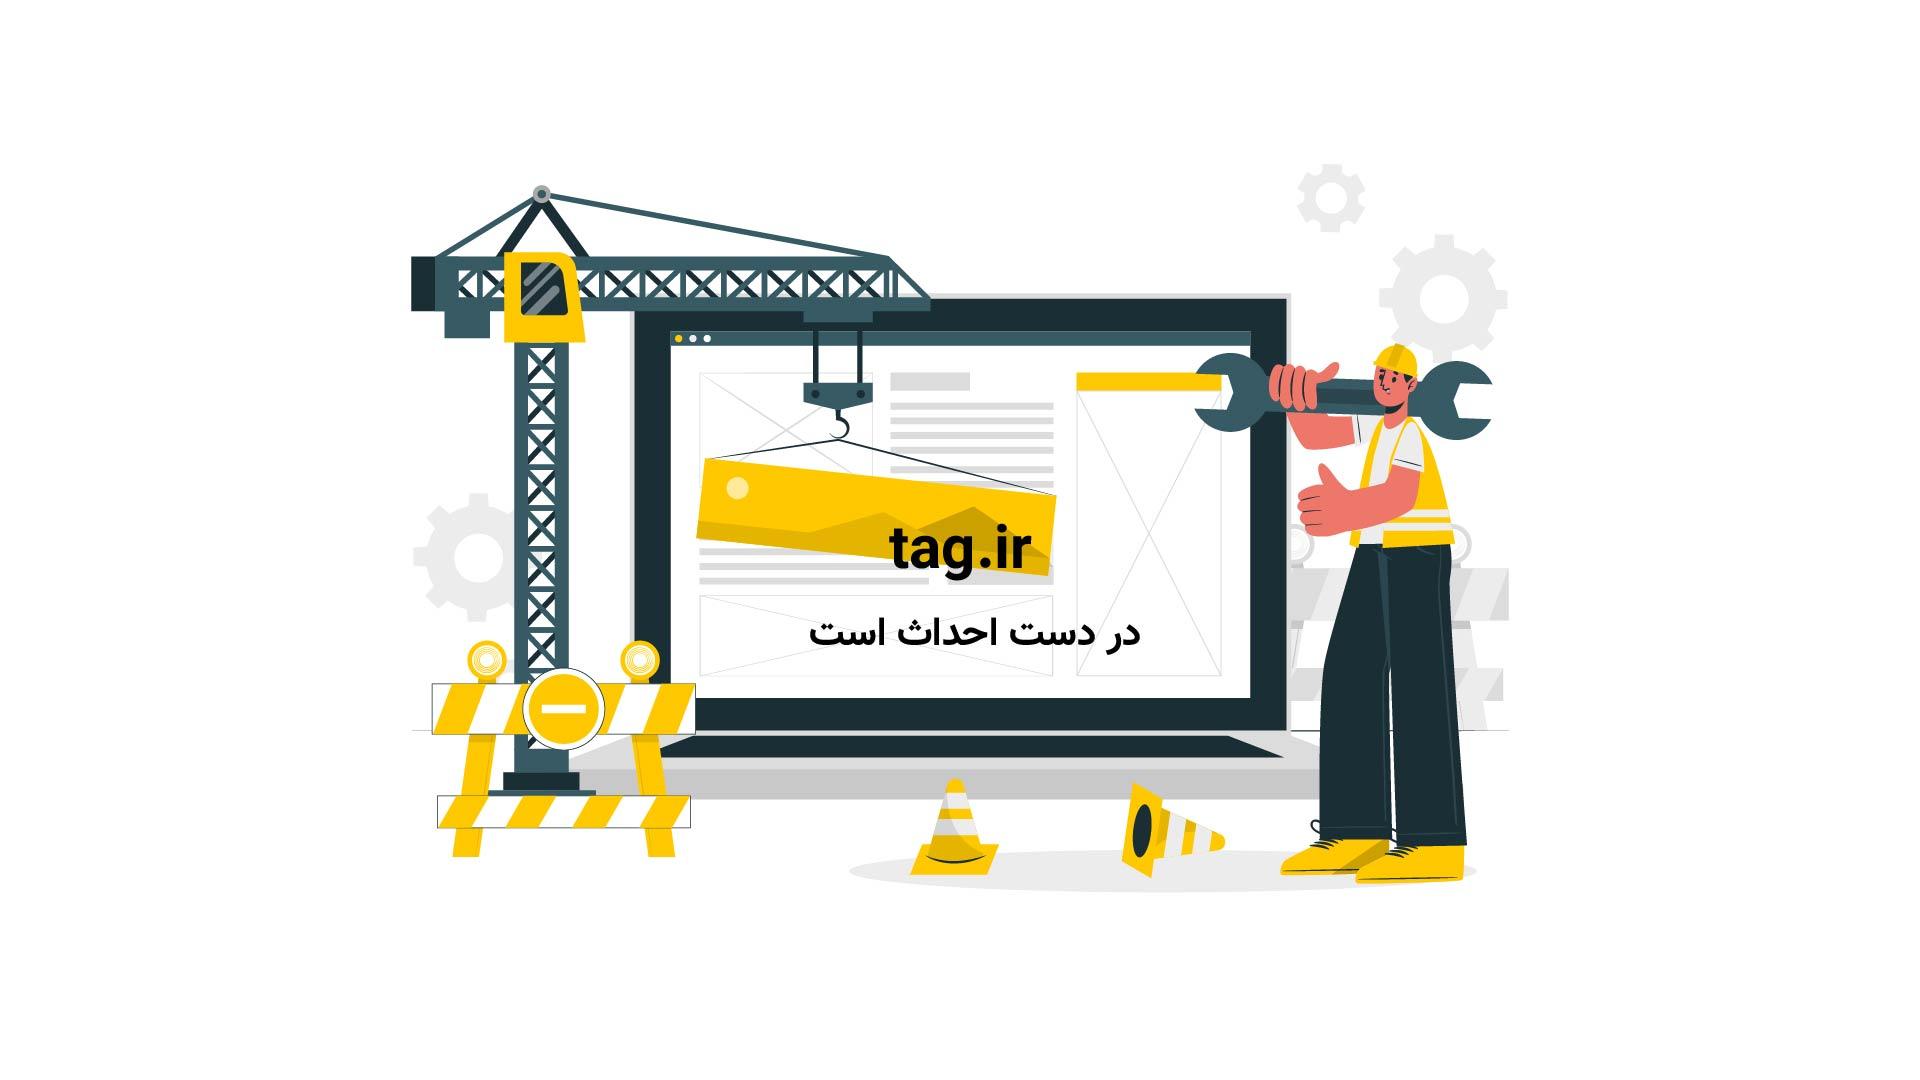 درخواست عجیب مردم آمریکا از رئیس جمهور کشورشان | تگ